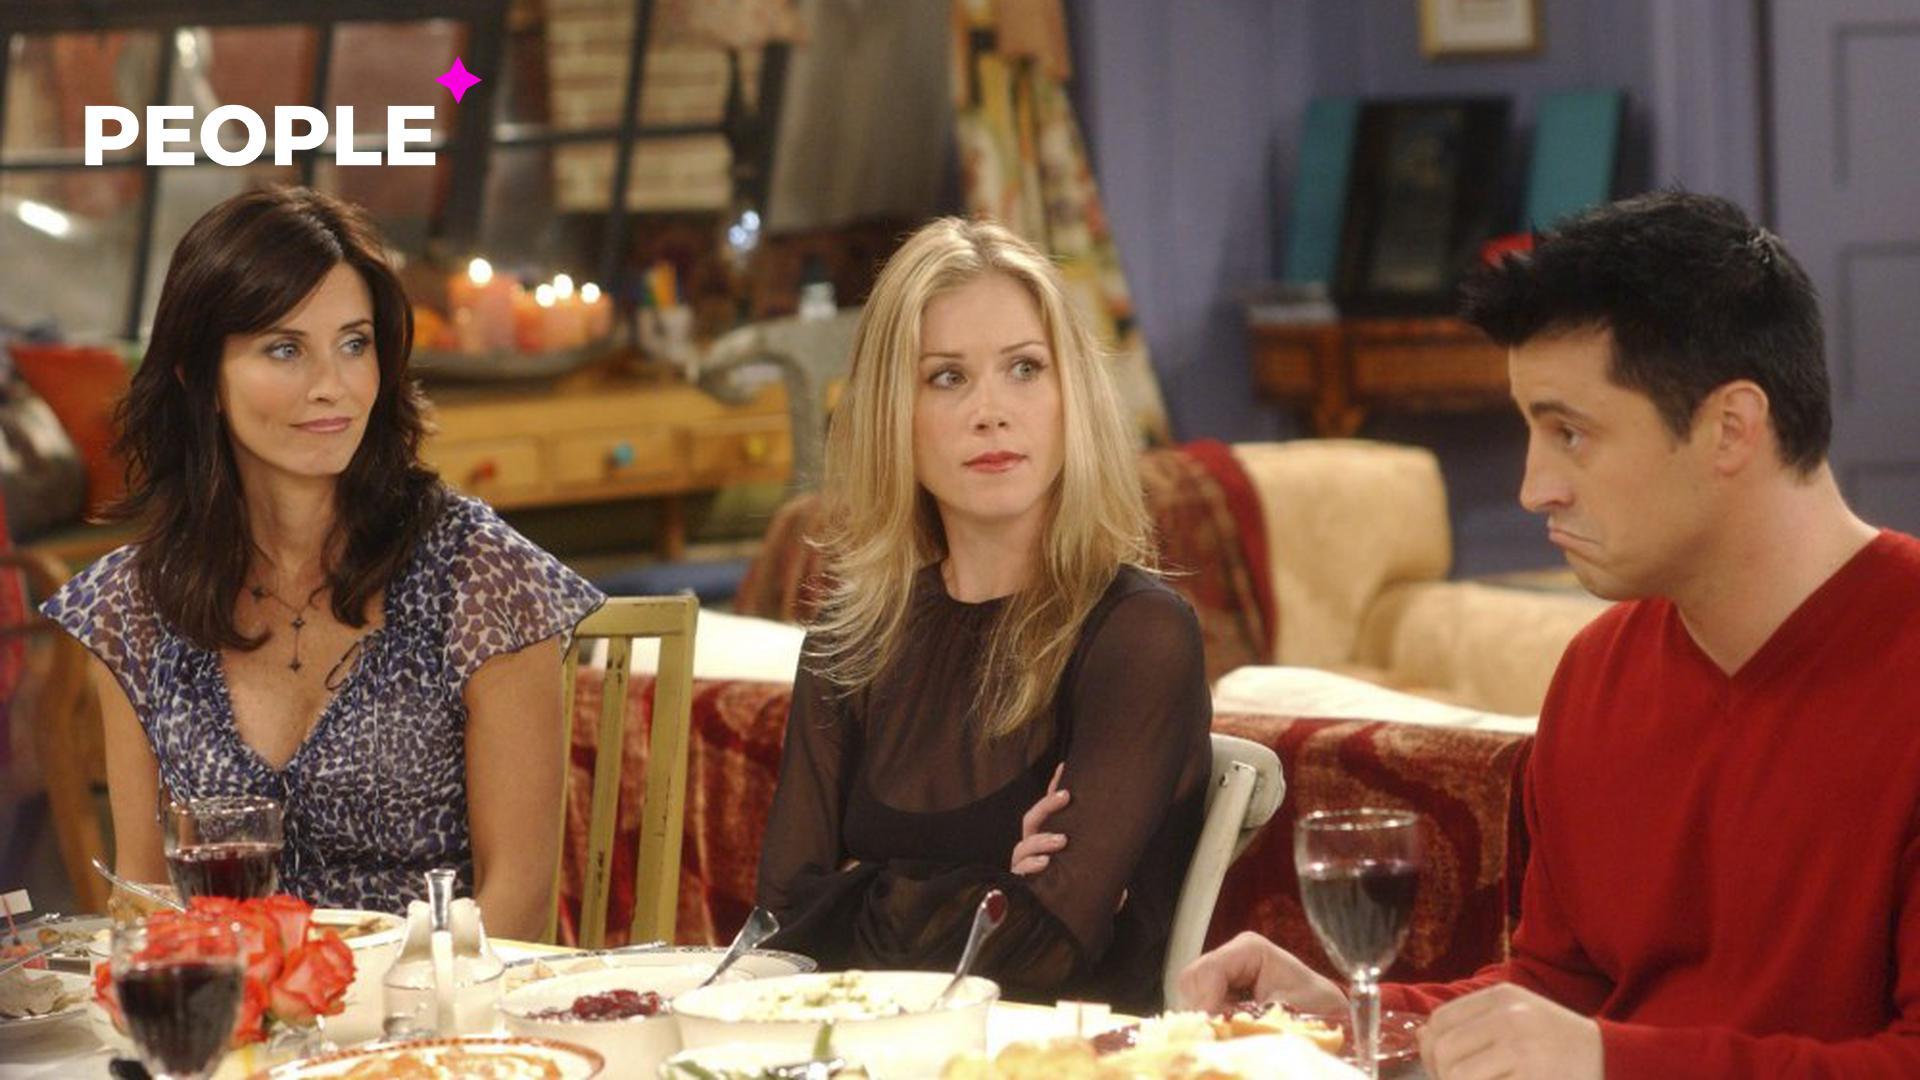 У актрисы из сериала «Друзья» обнаружили рассеянный склероз